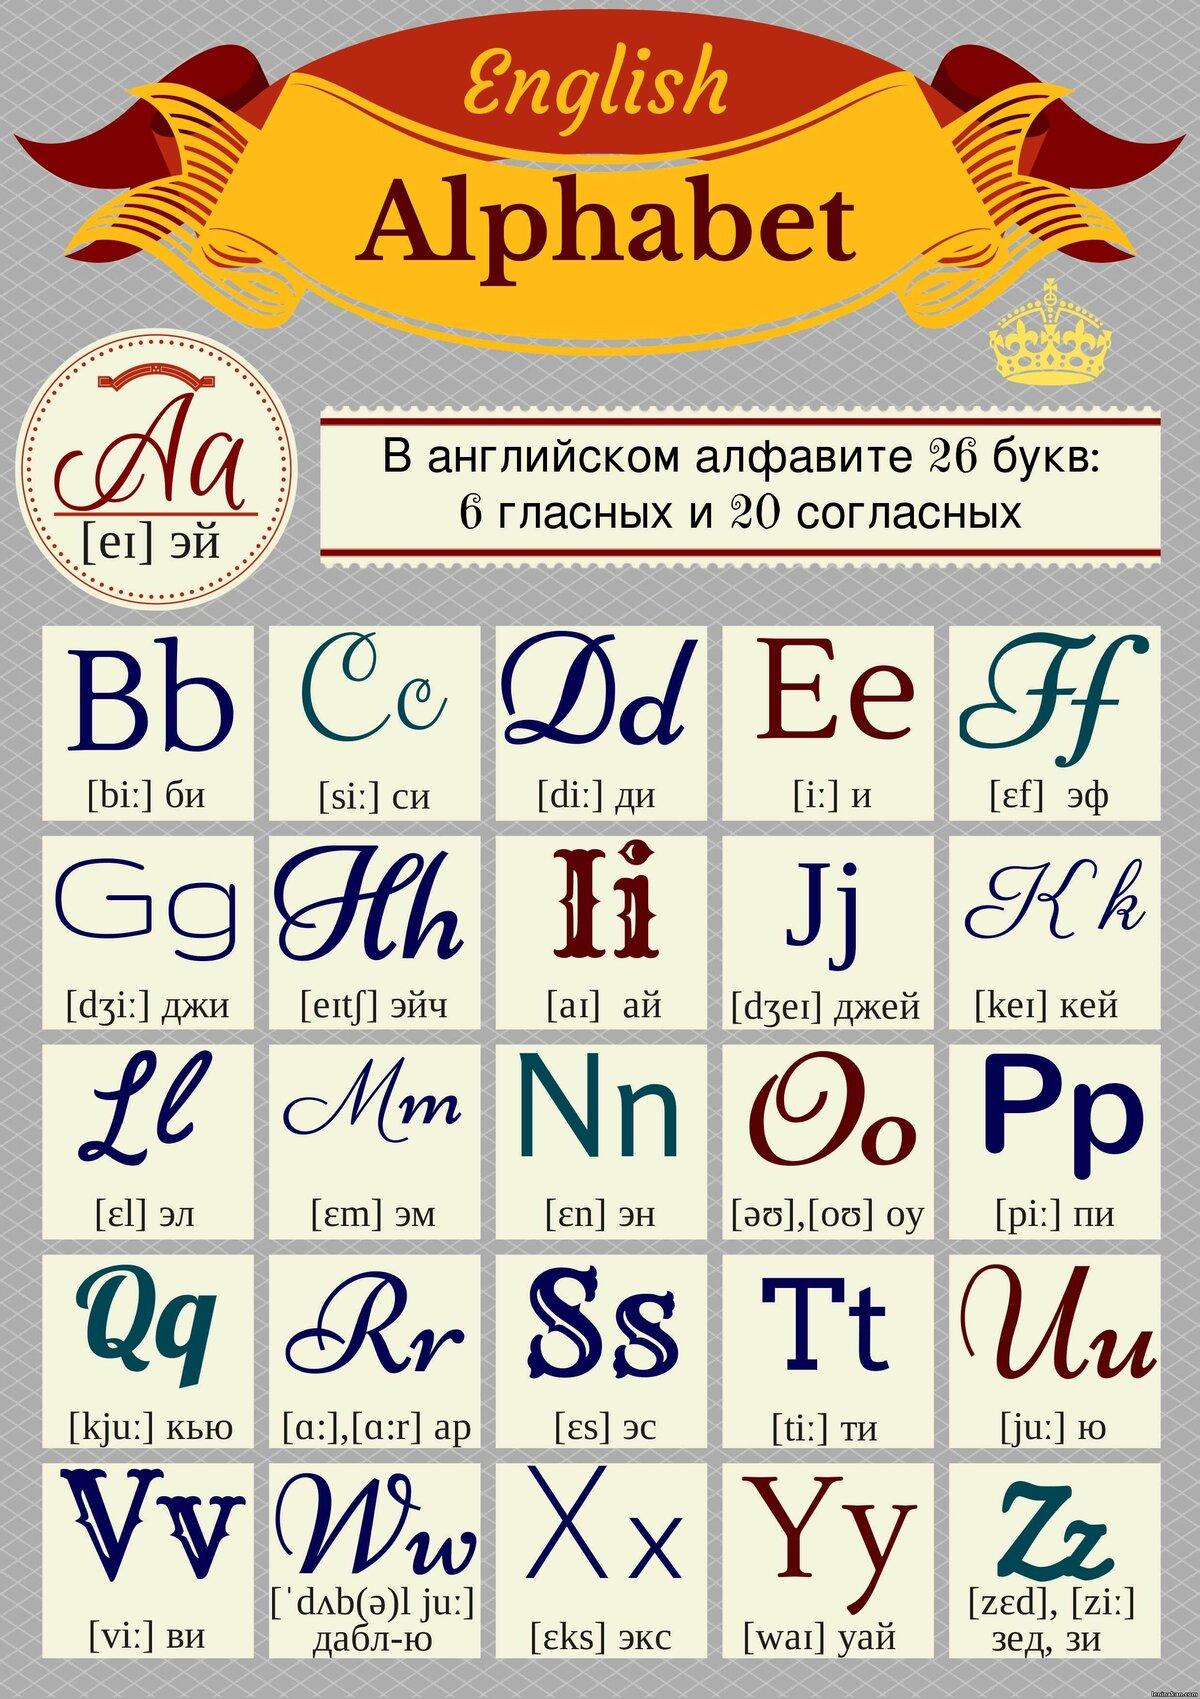 английский и русский алфавит картинки был крессуэлл, если